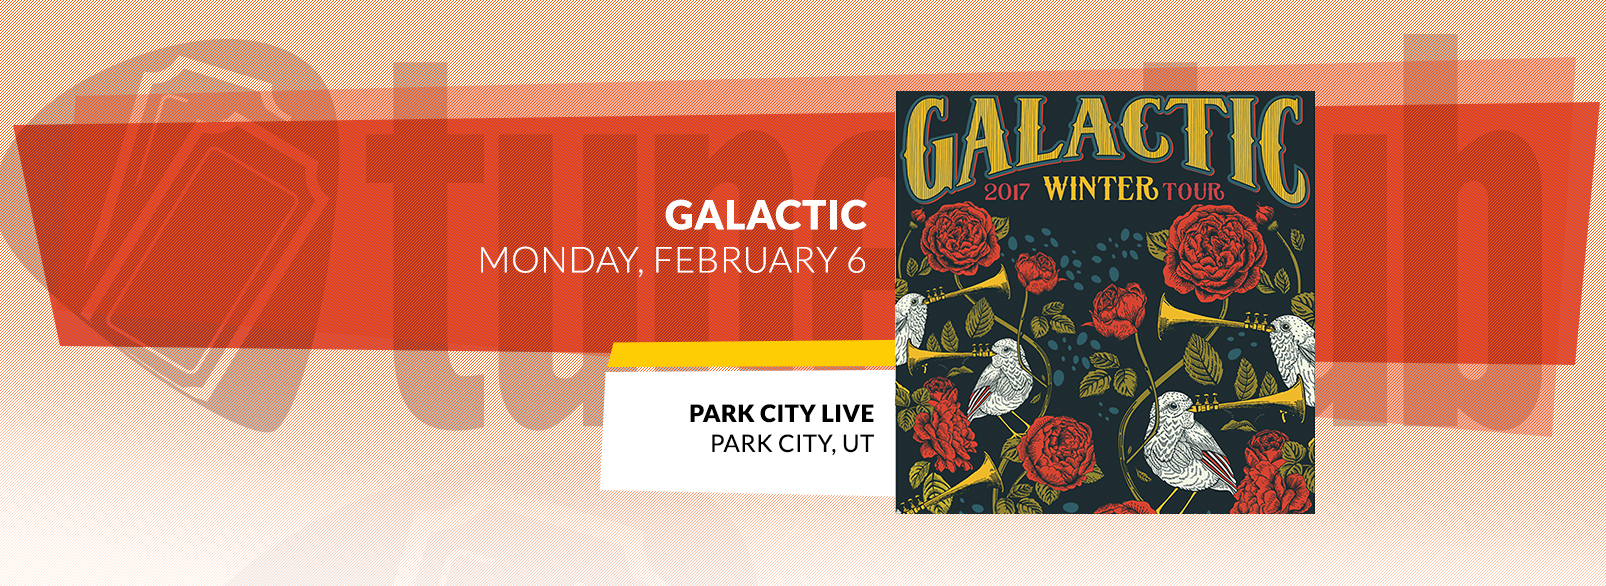 Galactic @ Park City Live